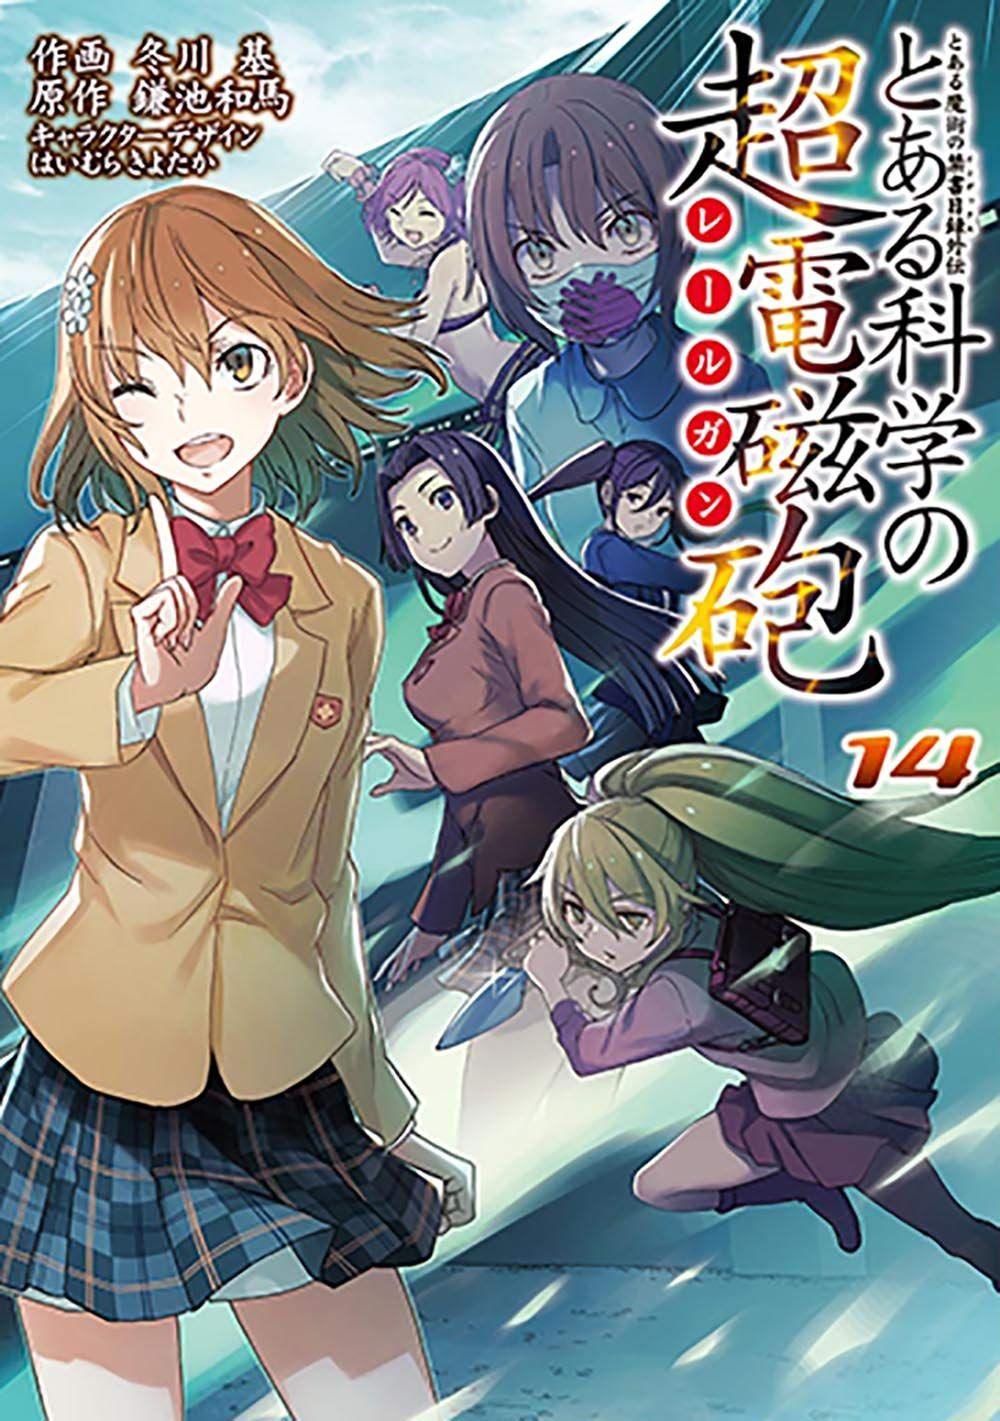 Manga - Manhwa - To Aru Kagaku no Railgun jp Vol.14